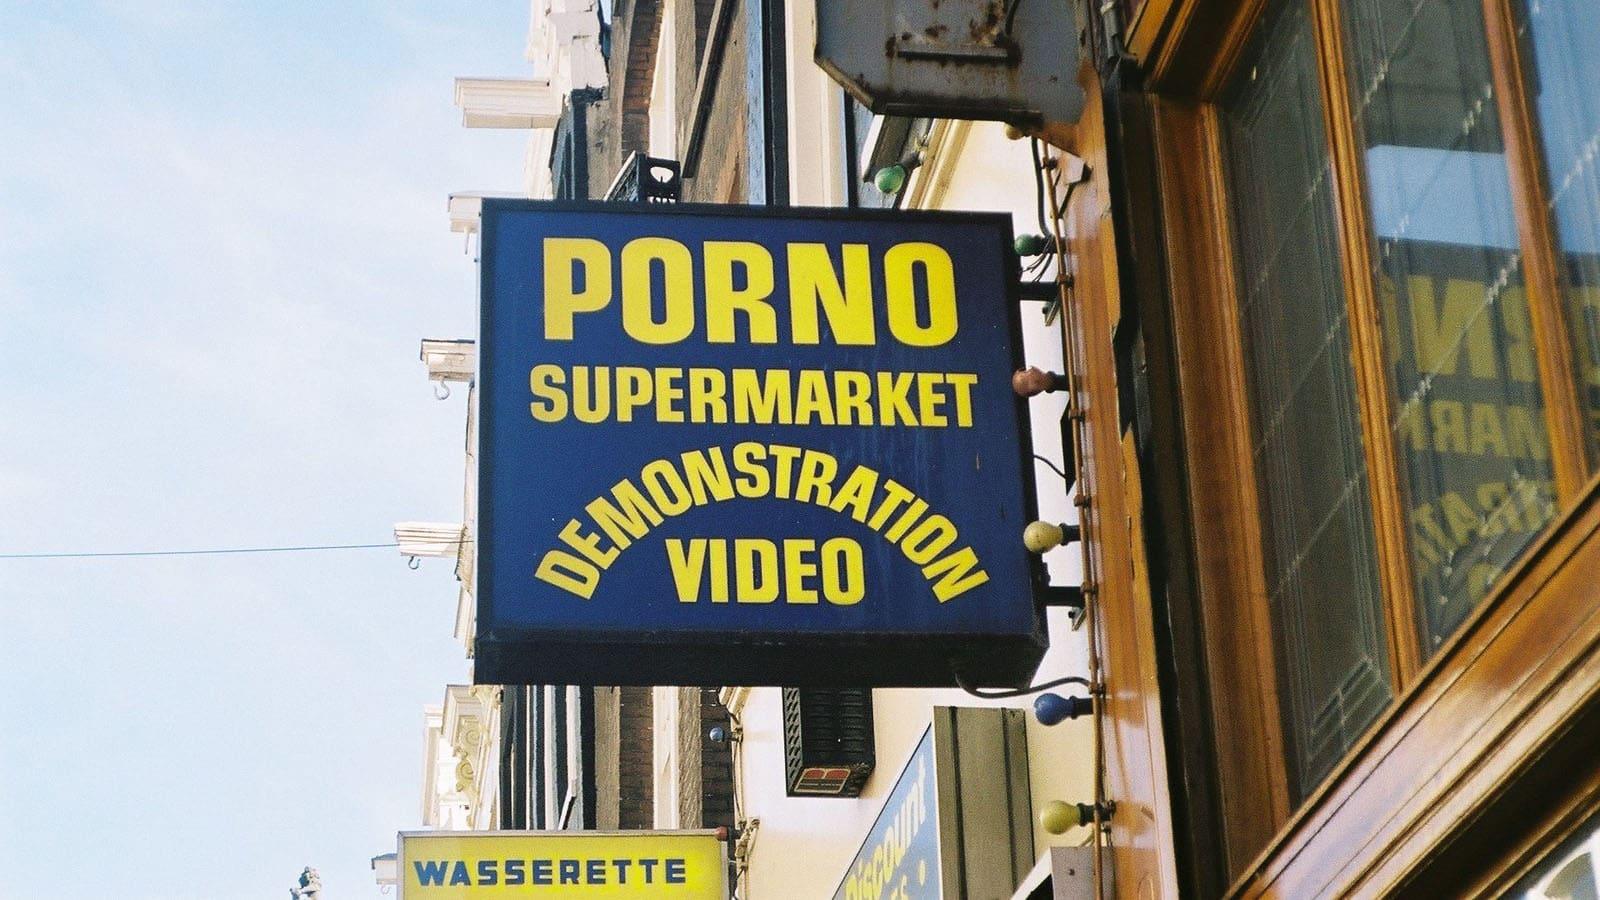 Porn Hub Prosta pornhub gnębi piratów. copyright trolling w najlepszym